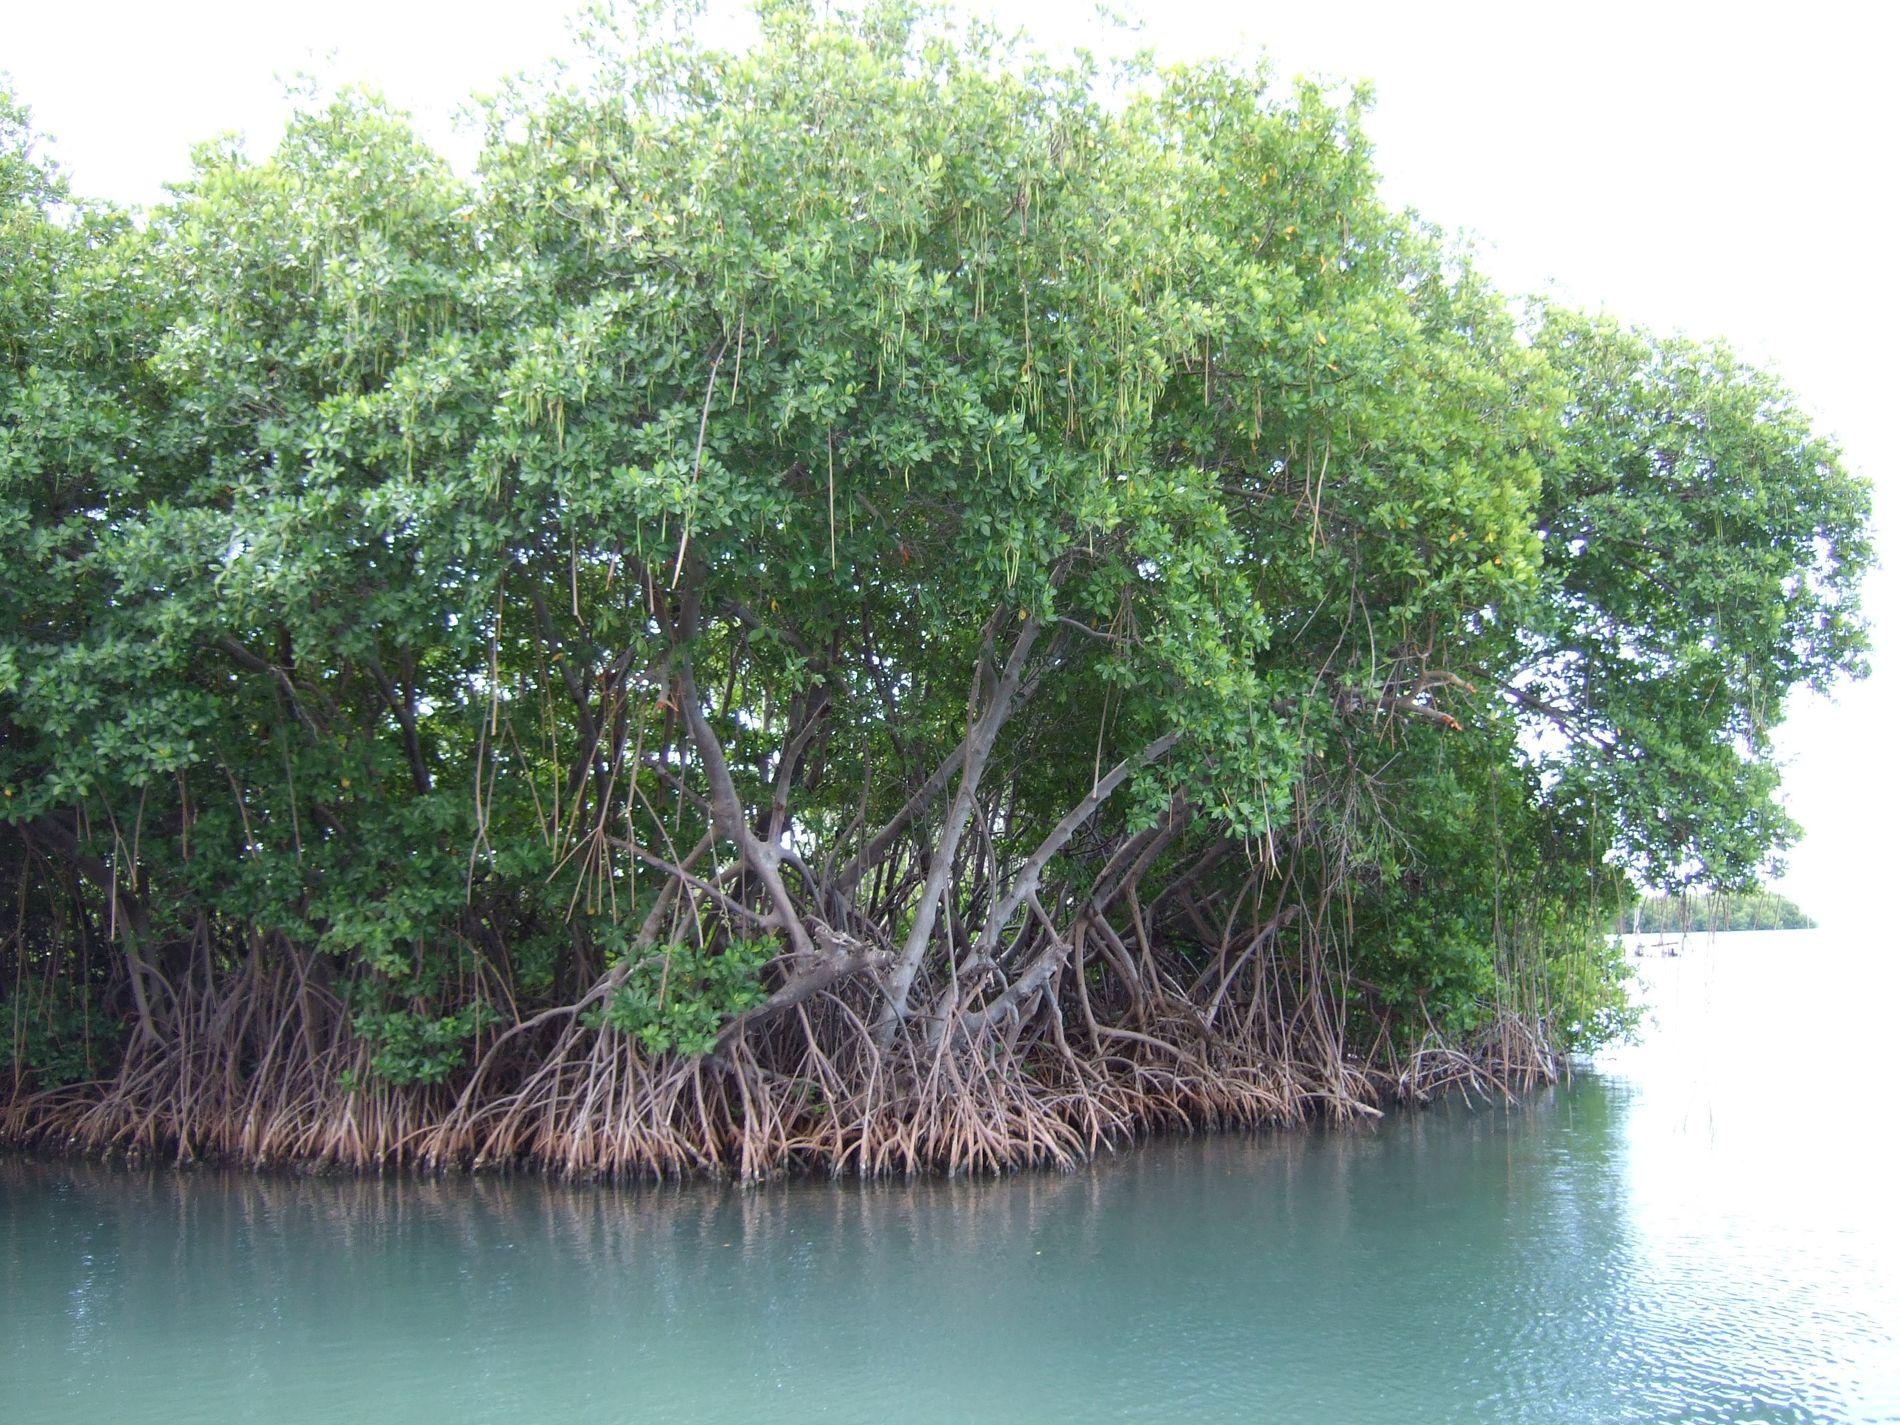 Des mangroves dans l'estuaire de Salinas, à Porto Rico.